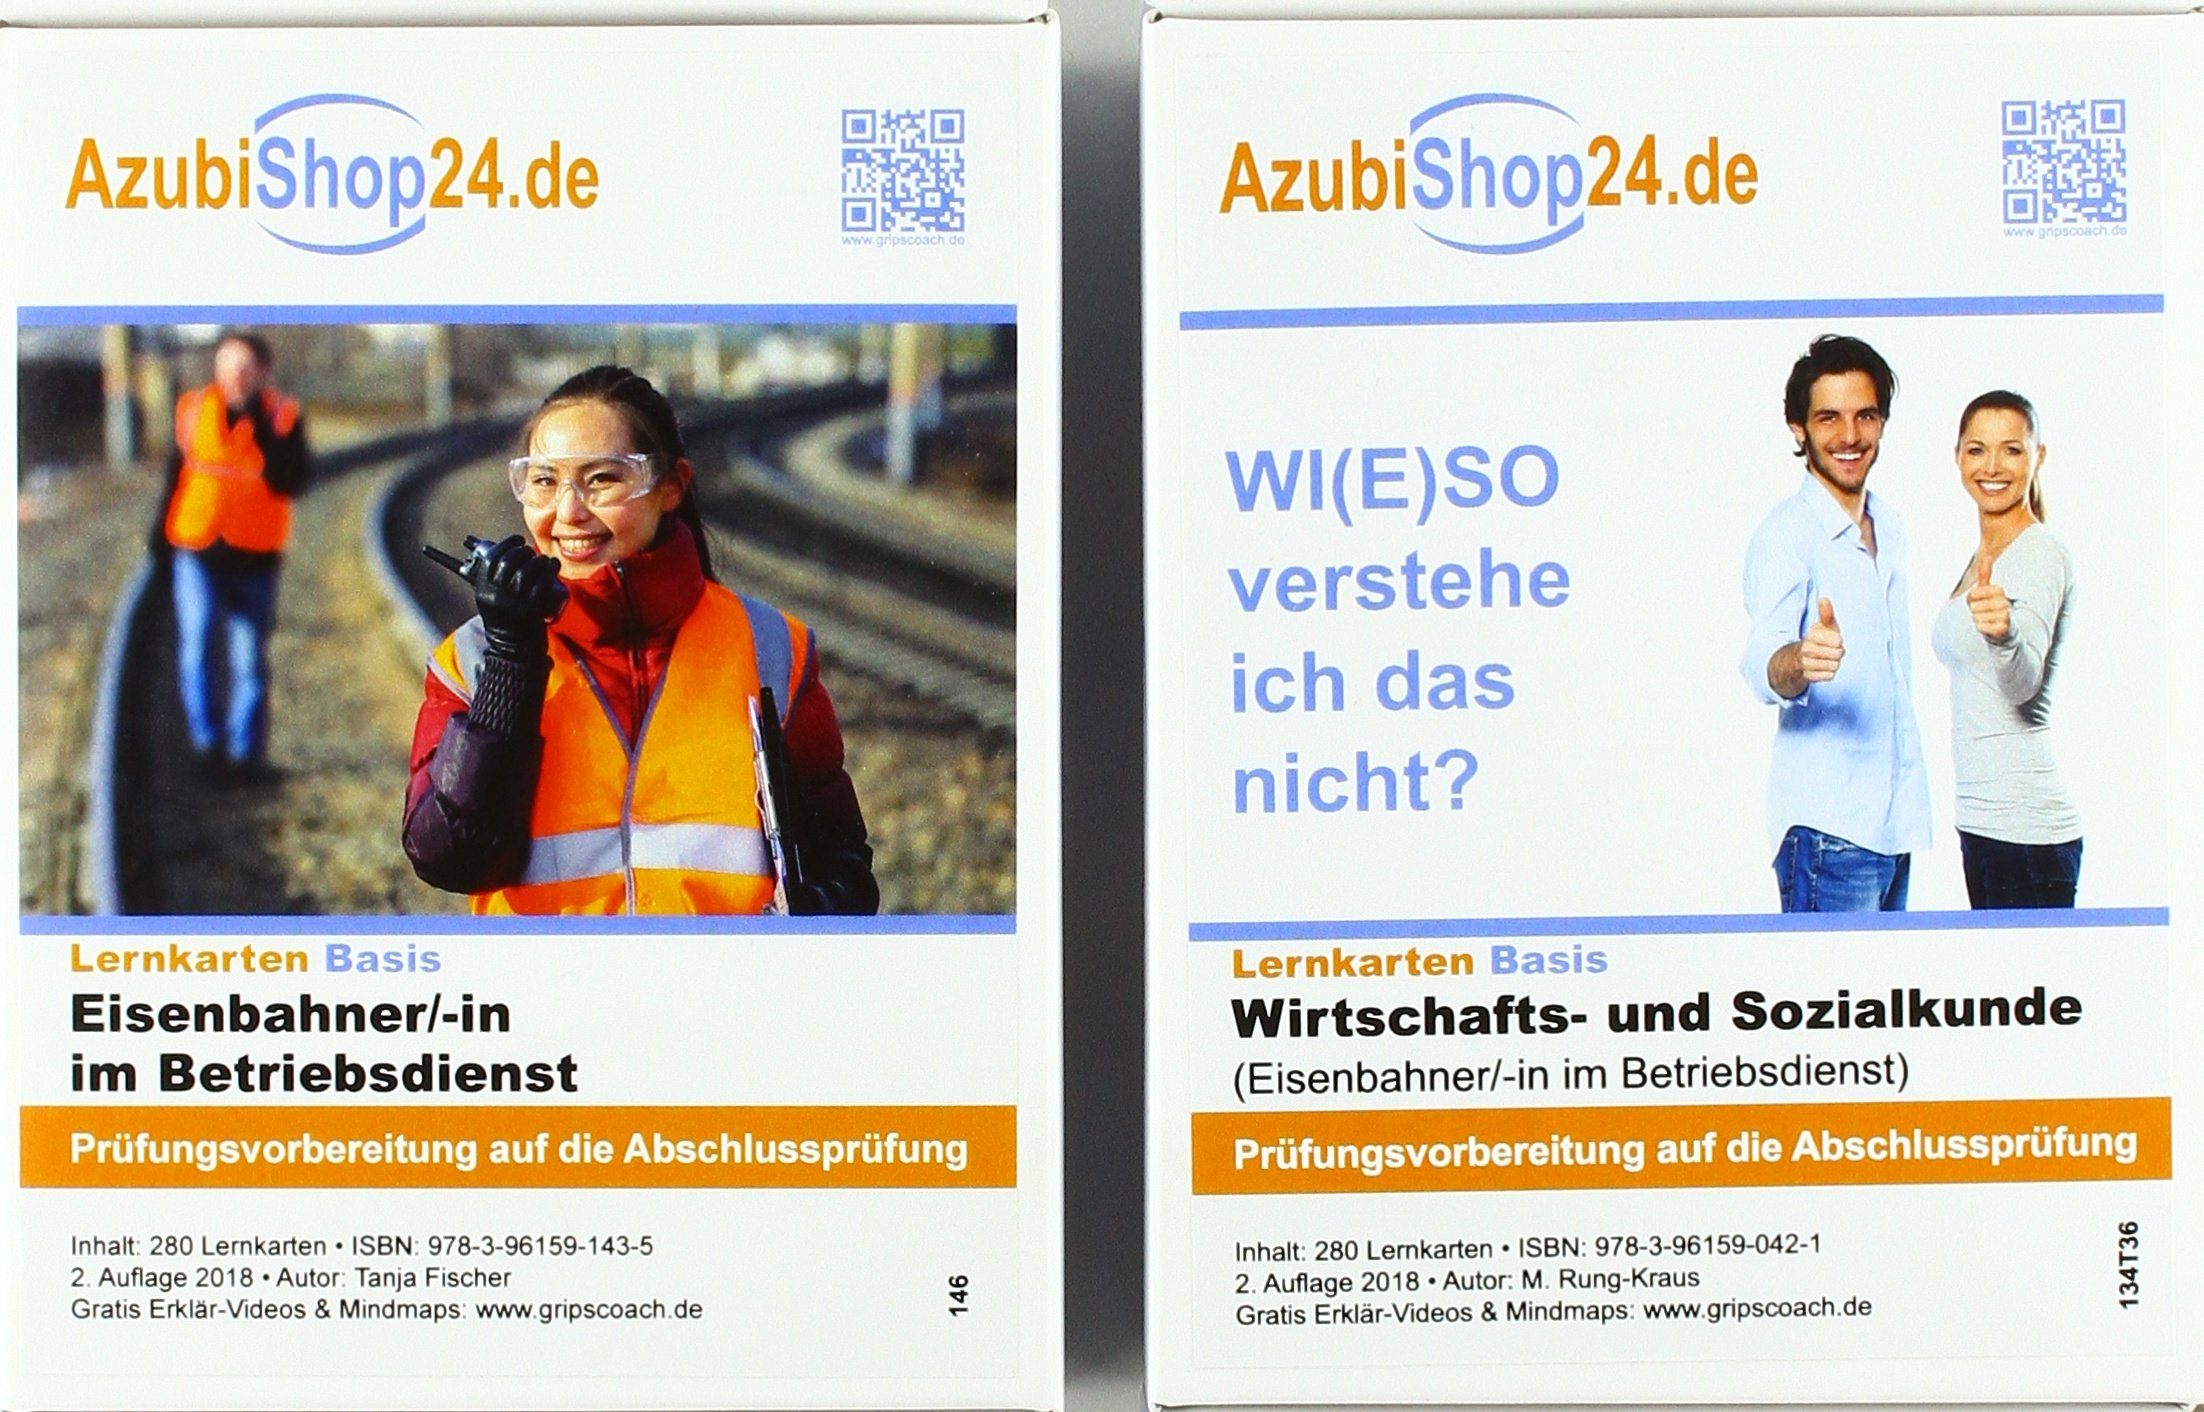 AzubiShop24.de Kombi-Paket Lernkarten Eisenbahner-/in im Betriebsdienst: Erfolgreiche Prüfungsvorbereitung auf die Abschlussprüfung Taschenbuch – 15. Mai 2018 Michaela Rung-Kraus Tanja Fischer Princoso 3961592470